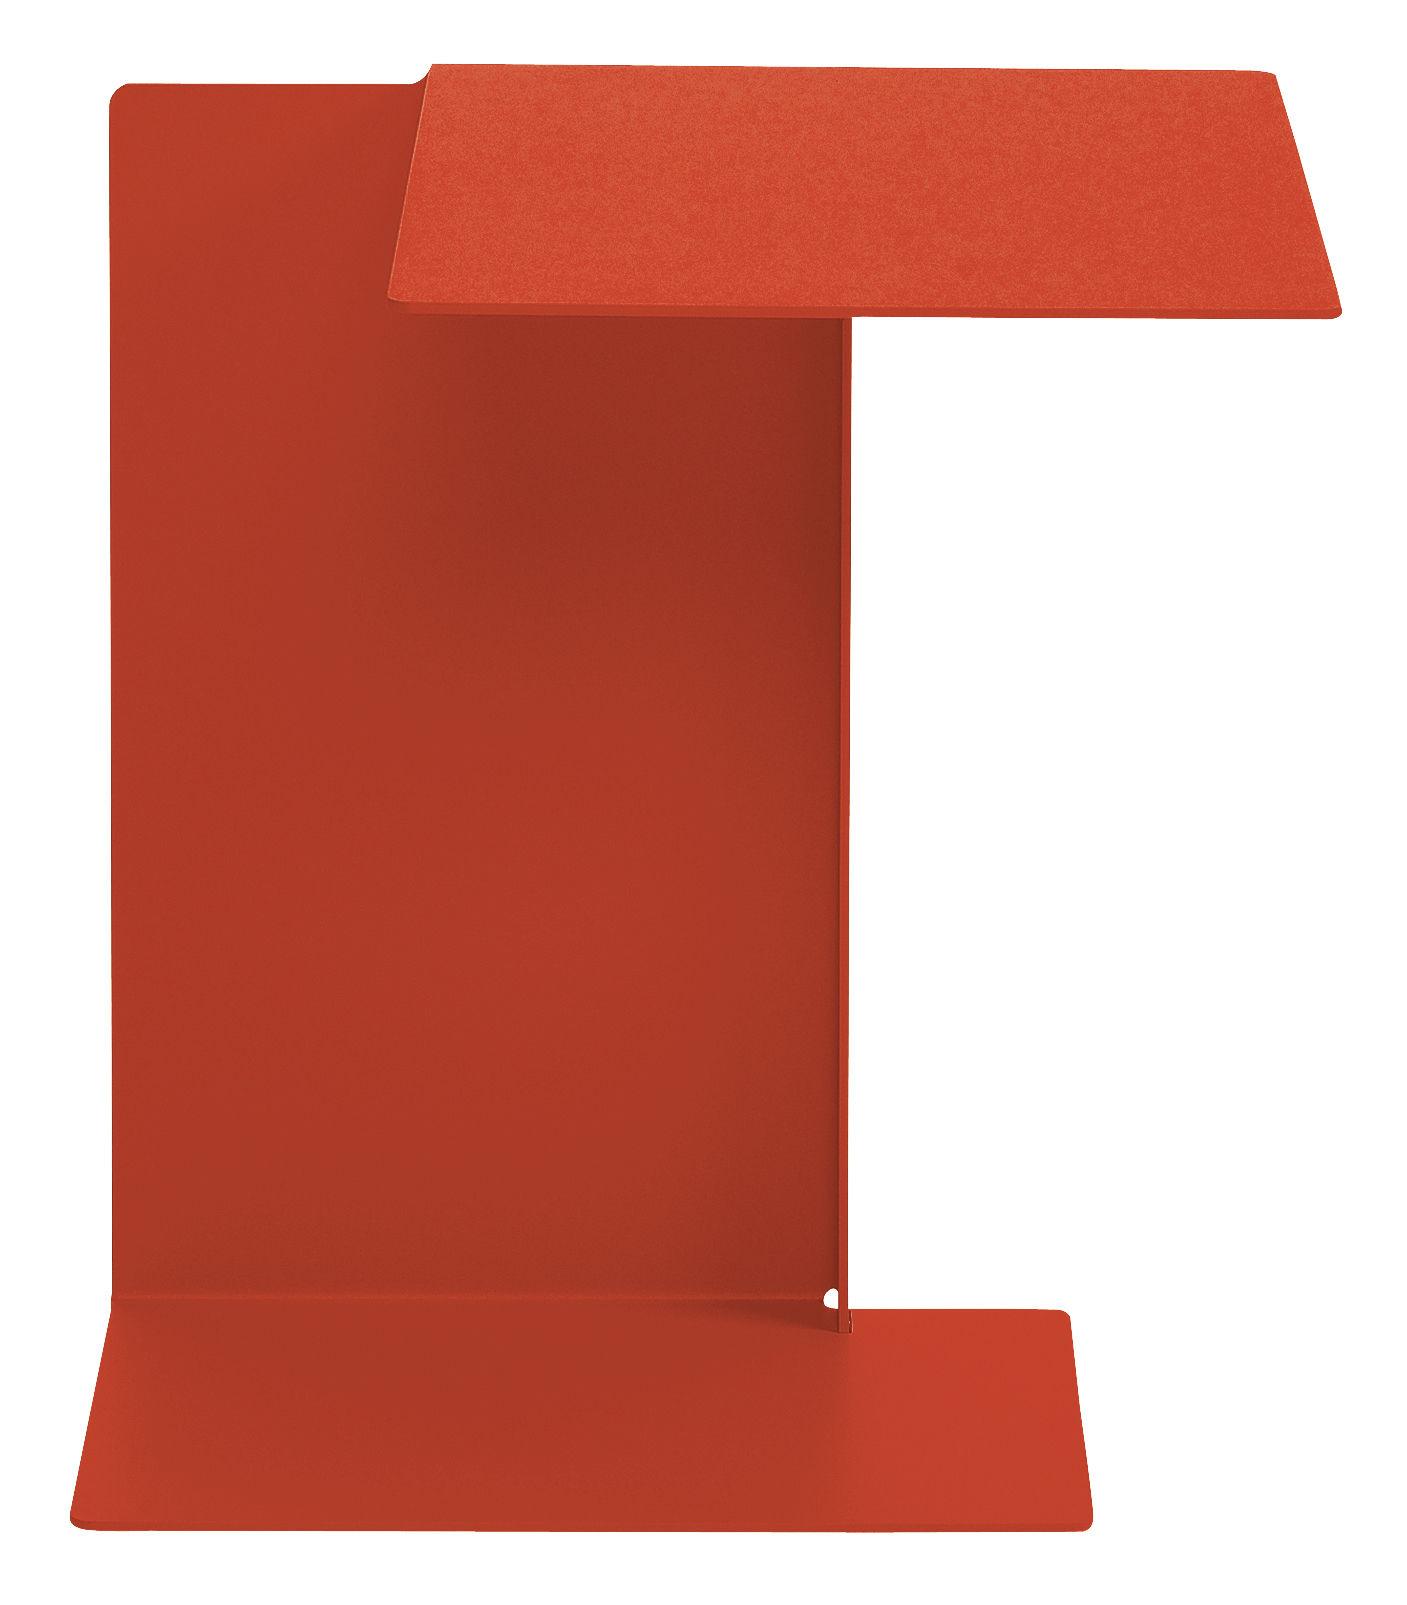 Mobilier - Tables basses - Table d'appoint Diana B / Plateau à droite - ClassiCon - Rouge corail - Acier inoxydable verni